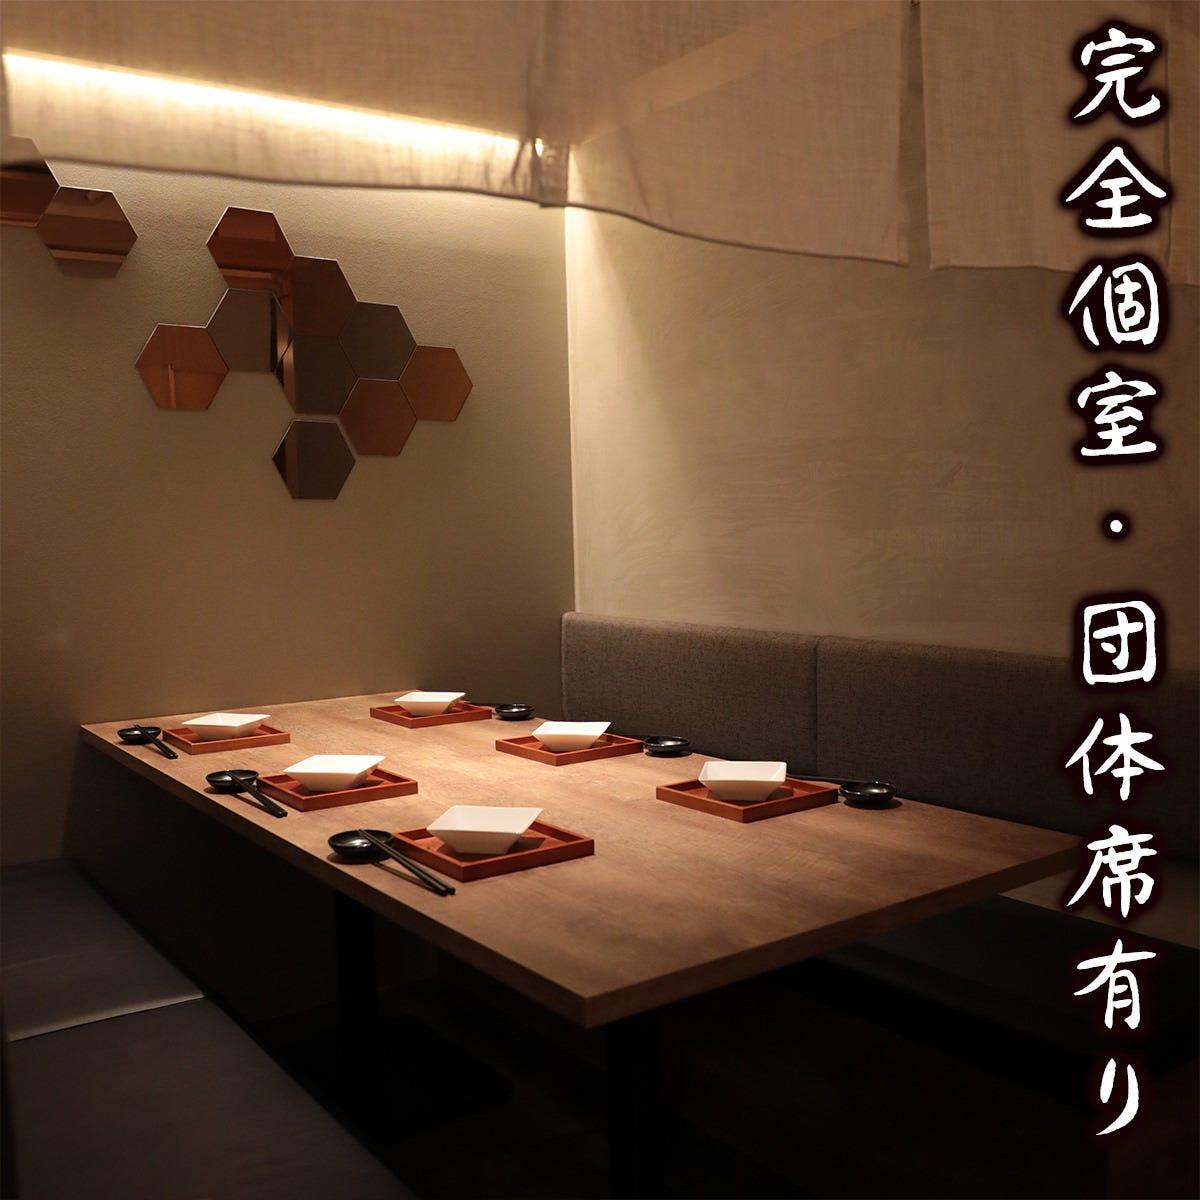 205種 無制限食べ飲み放題 おとずれ 姫路駅店のイメージ写真